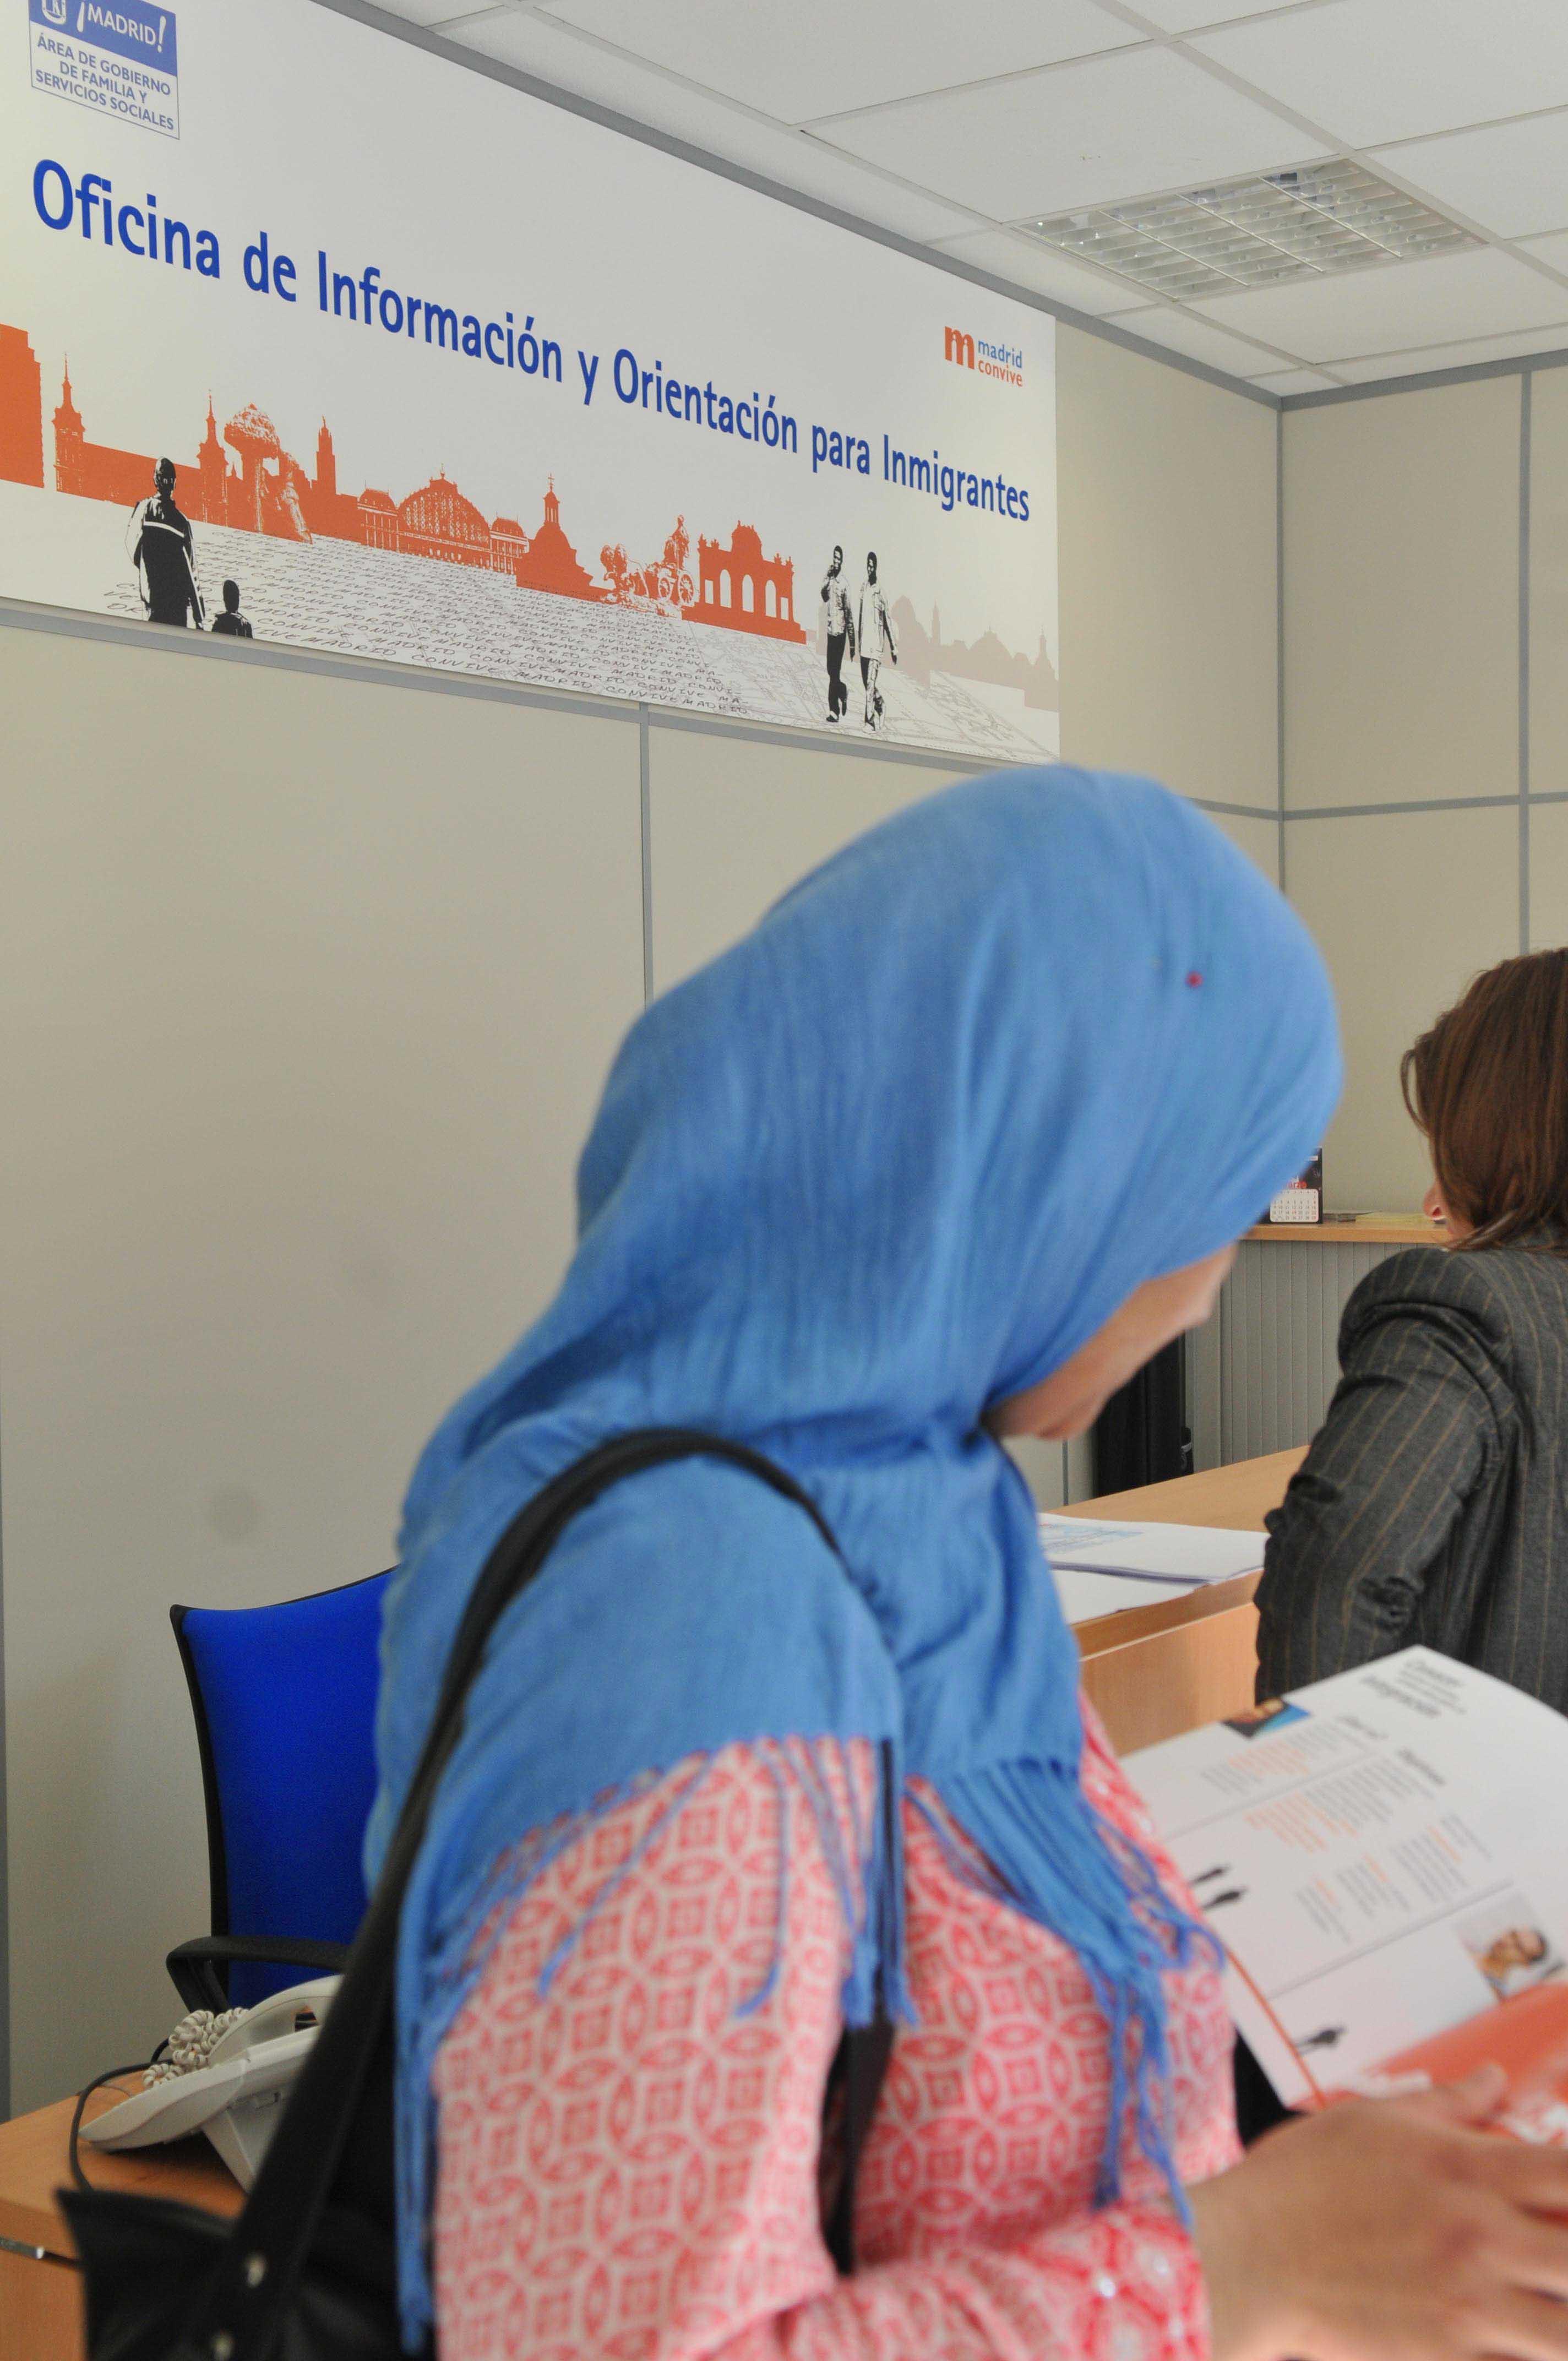 Nuevas oficinas de informaci n a inmigrantes ayuntamiento de madrid - Oficina de empadronamiento madrid ...